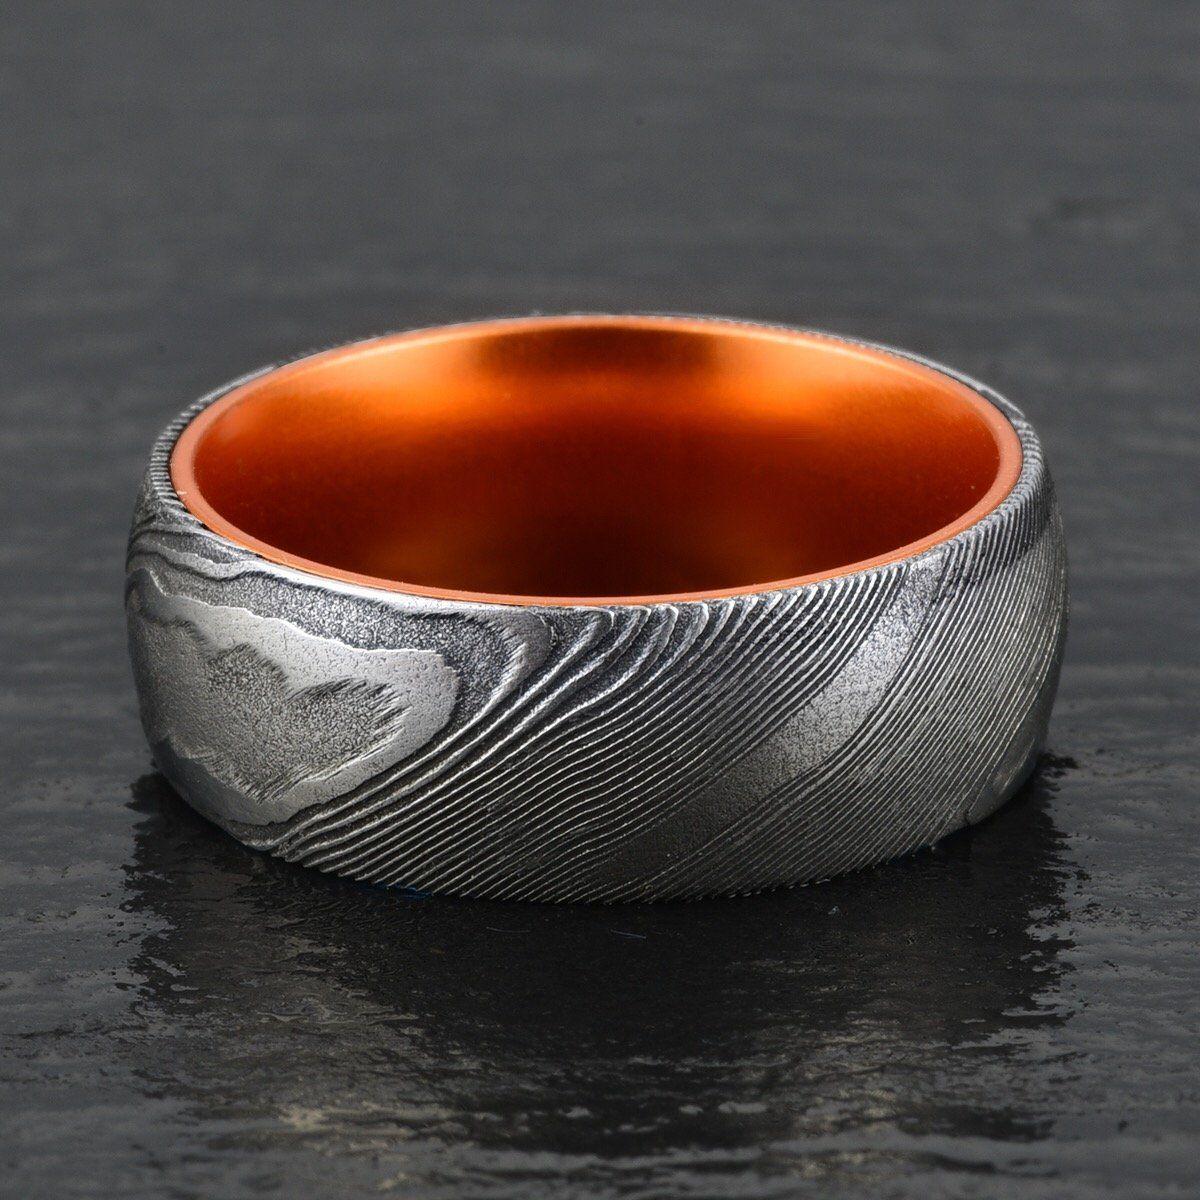 Wood Grained Damascus Ring Orange Anodized Aluminum